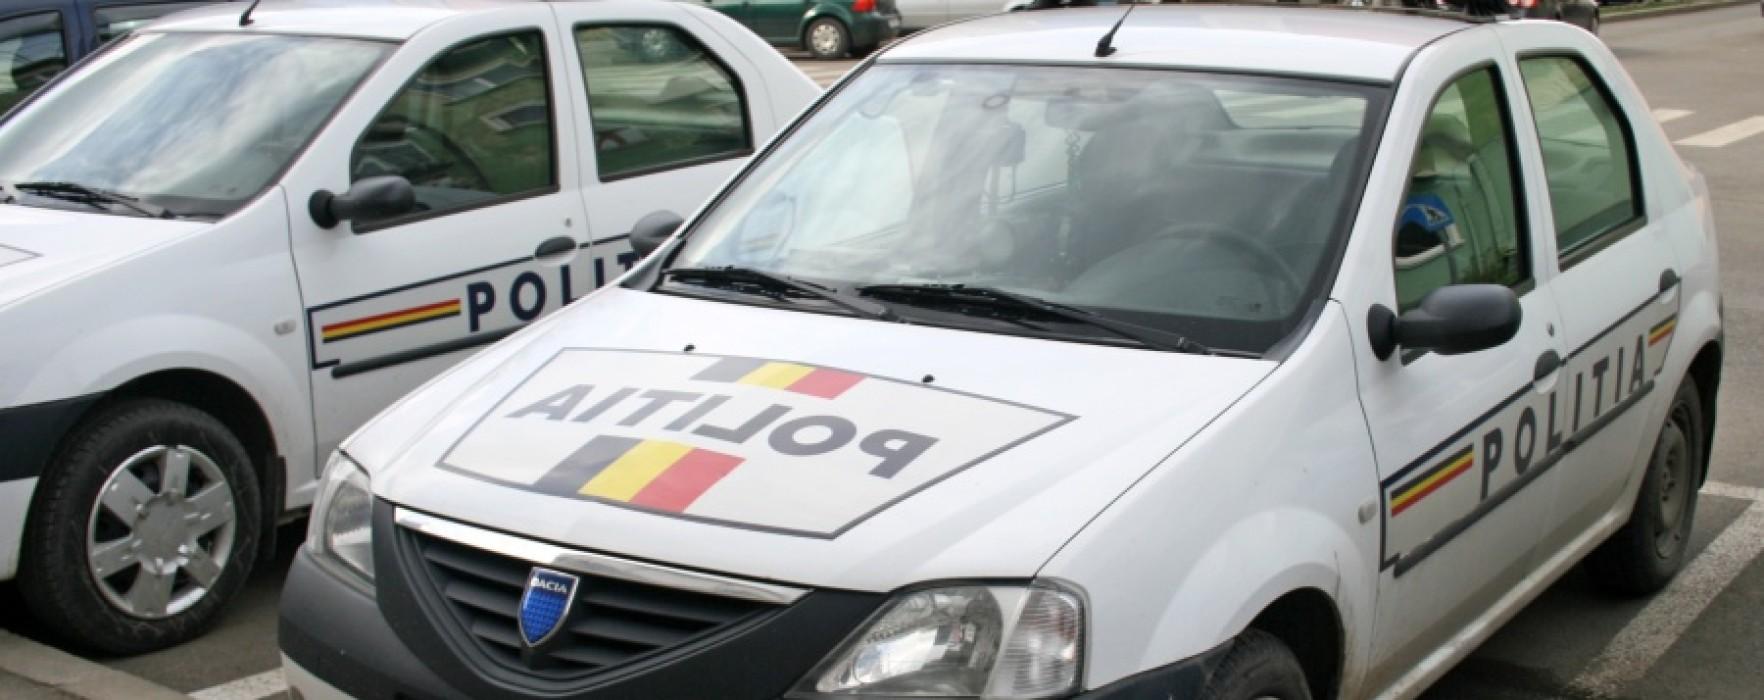 Suspecţi de trafic de droguri din Târgovişte, cercetaţi (video)